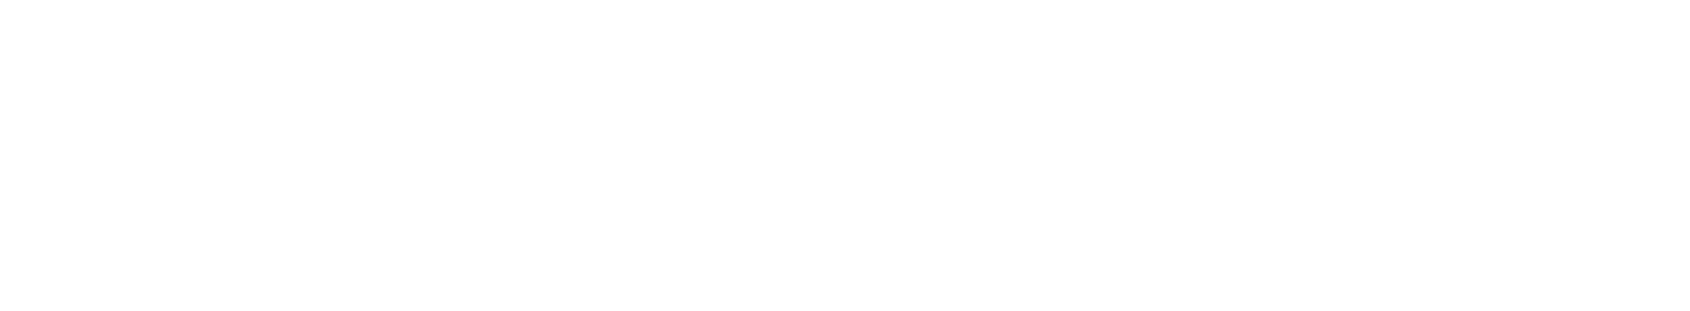 Rīgas Stradiņa universitāte (RSU)